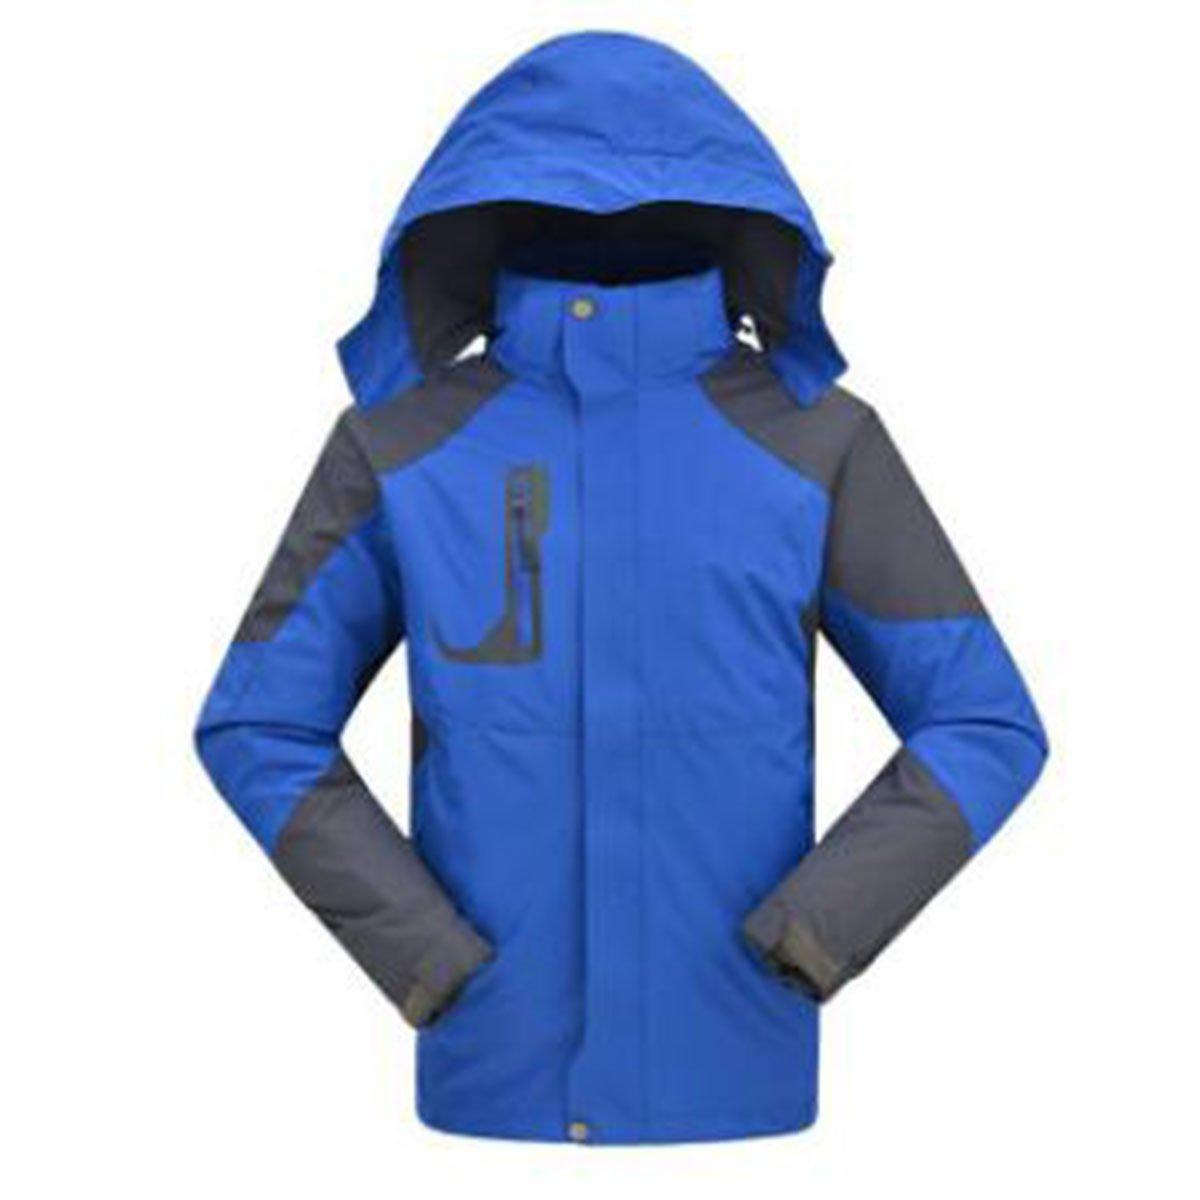 WU LAI Männer Dreifach Jacken Verdickung Warme Fleece Liner Zweiteilige Outdoor Bergsteigen Kleidung